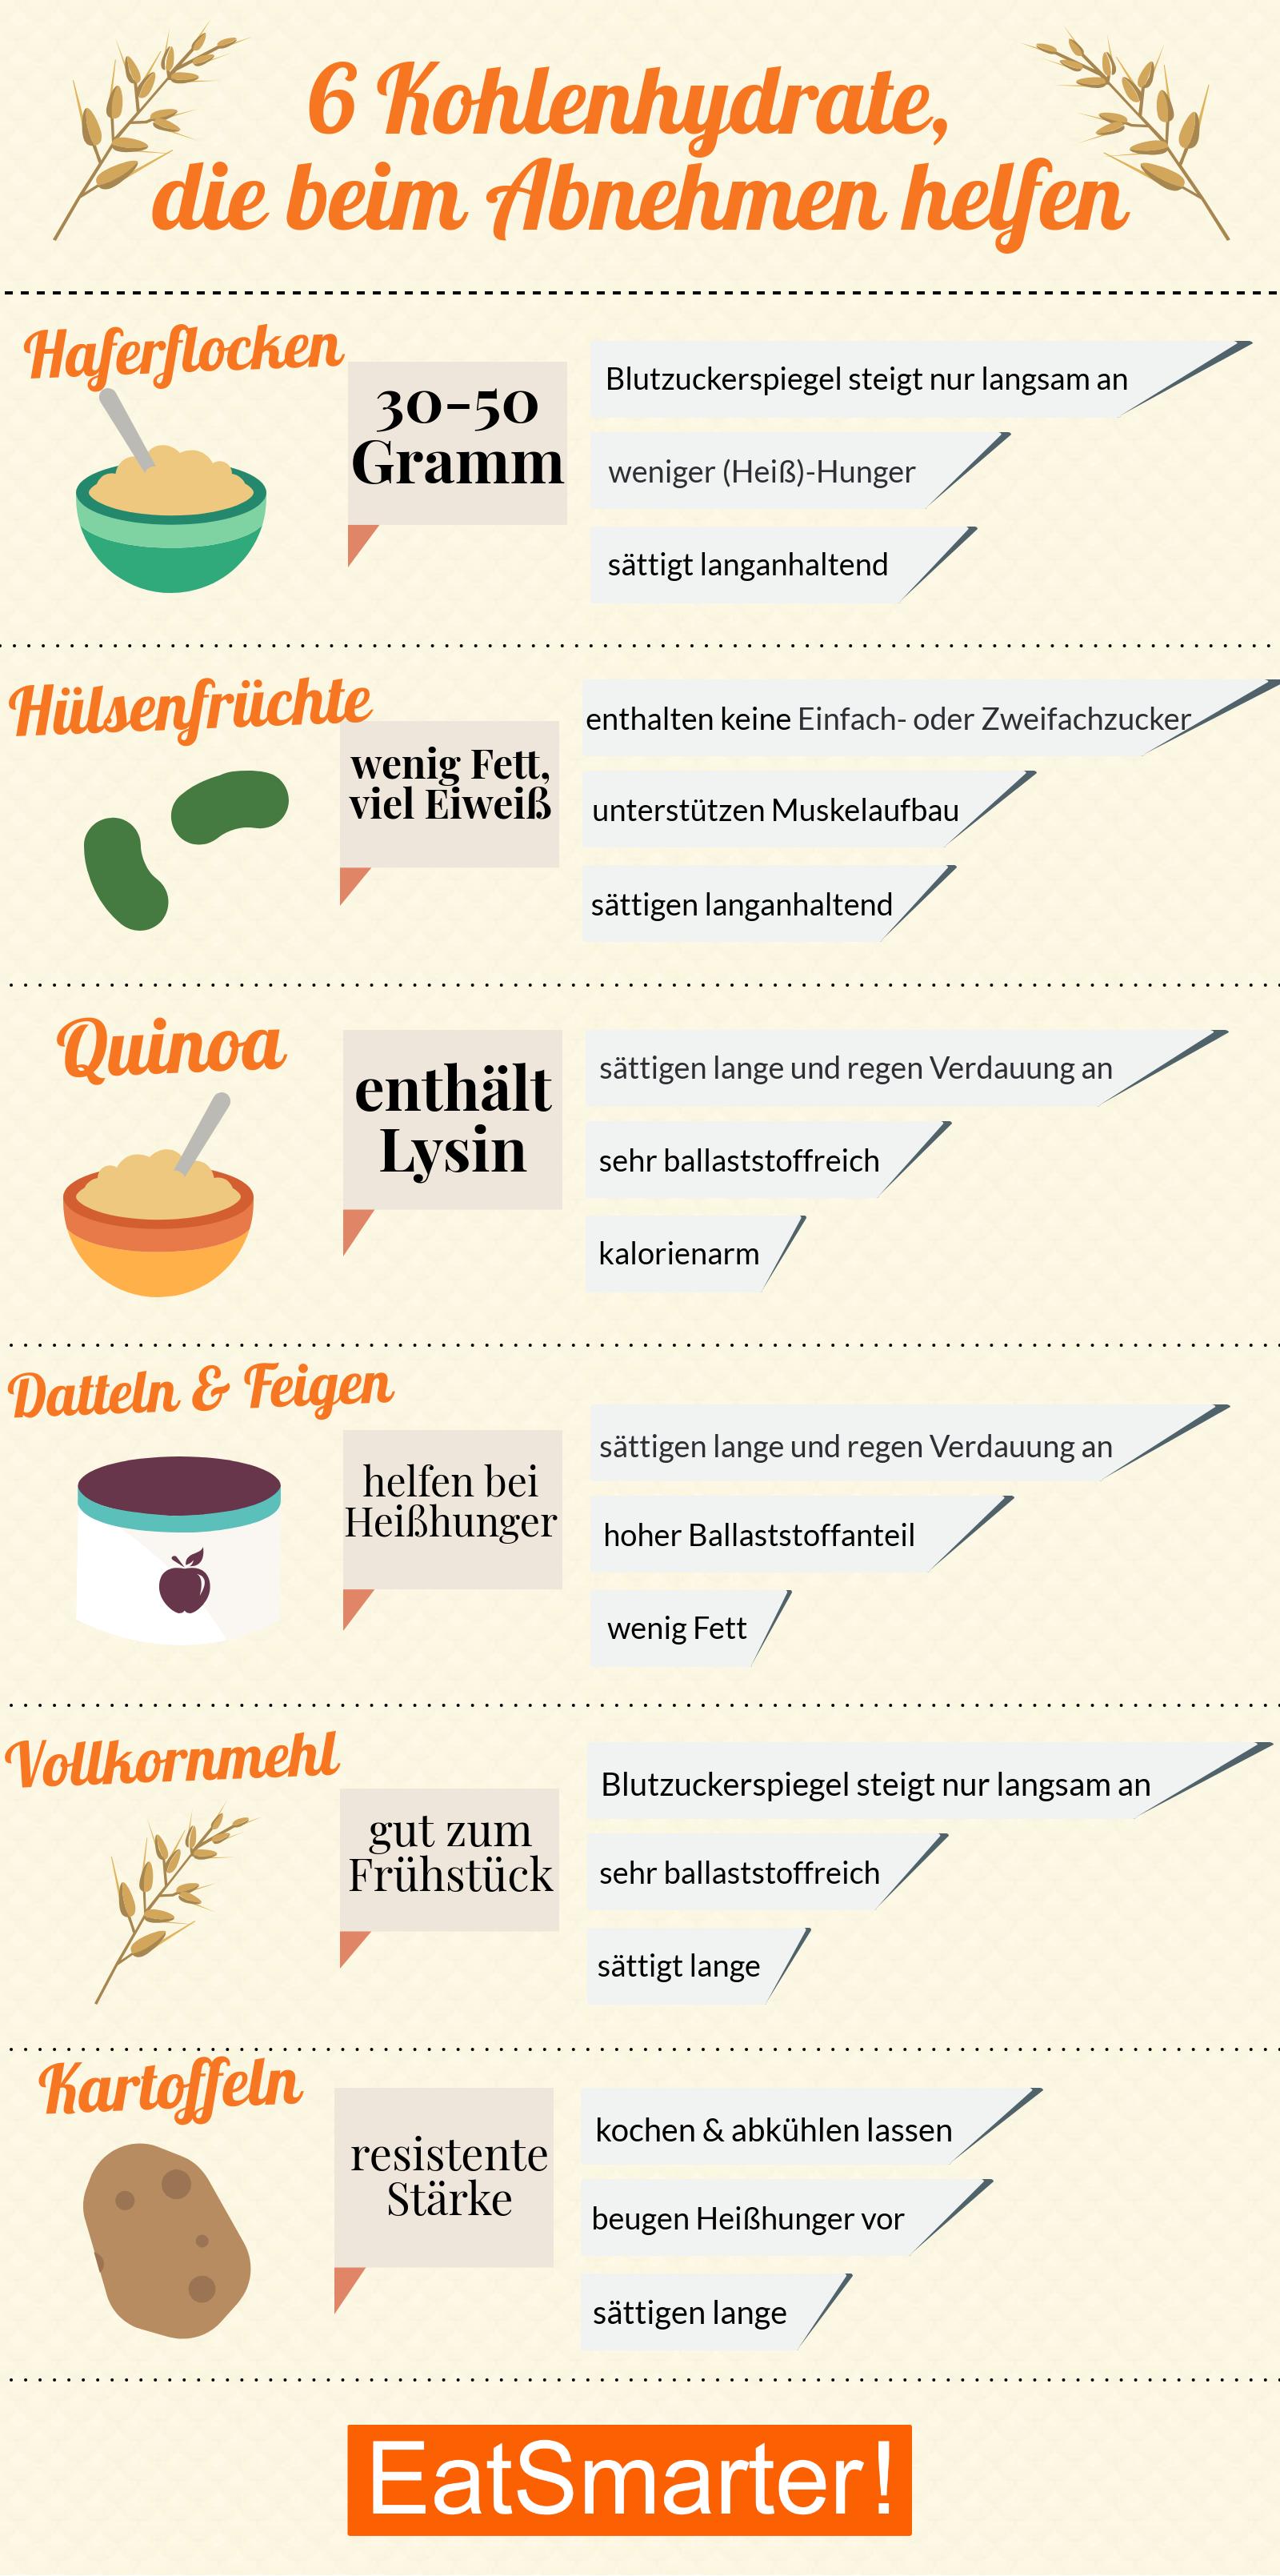 Kalorien aus Kirschen zur Gewichtsreduktion